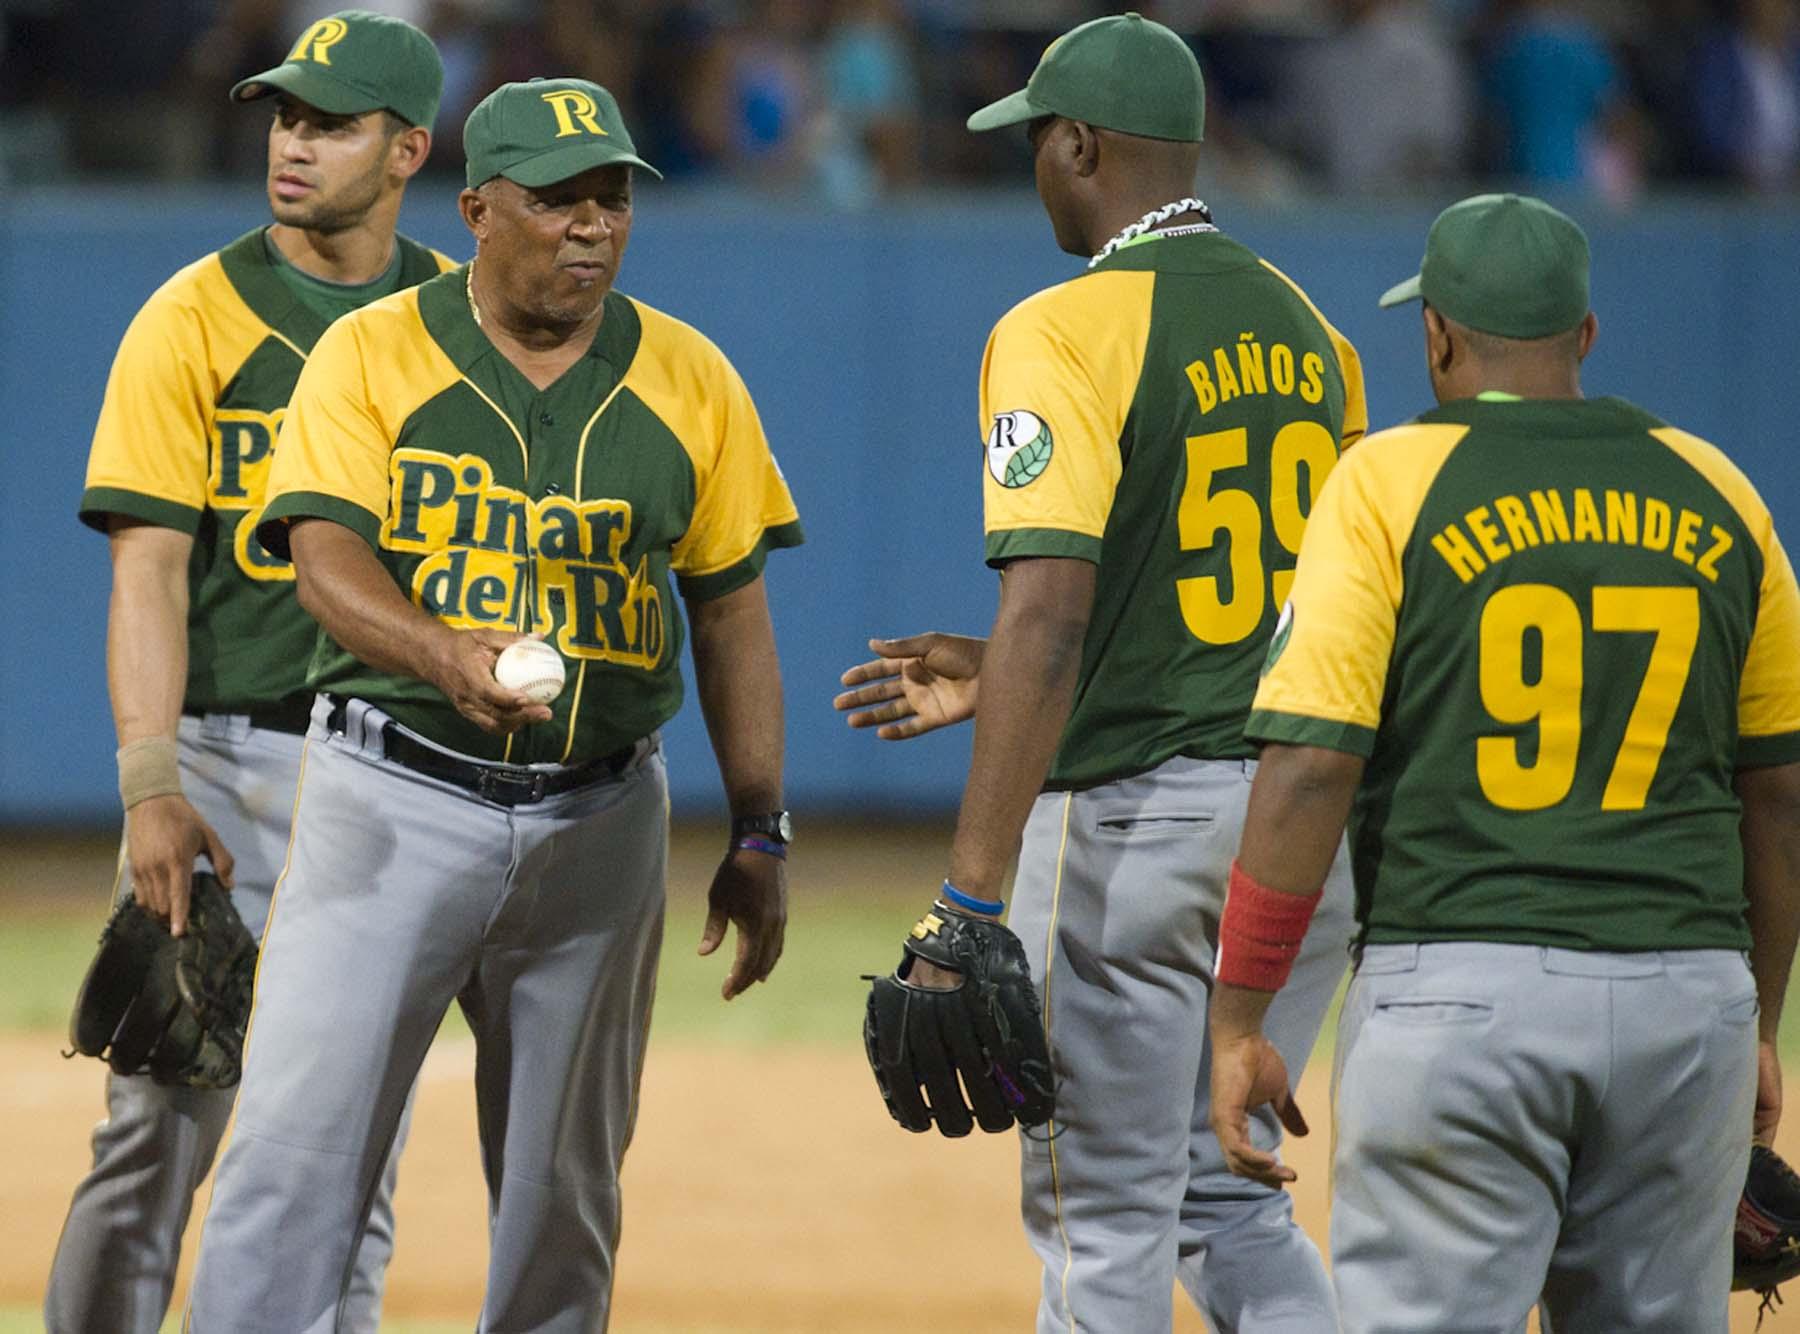 Cuba a Serie del Caribe con meta de ganar y borrar mala imagen de 2014 (+video)